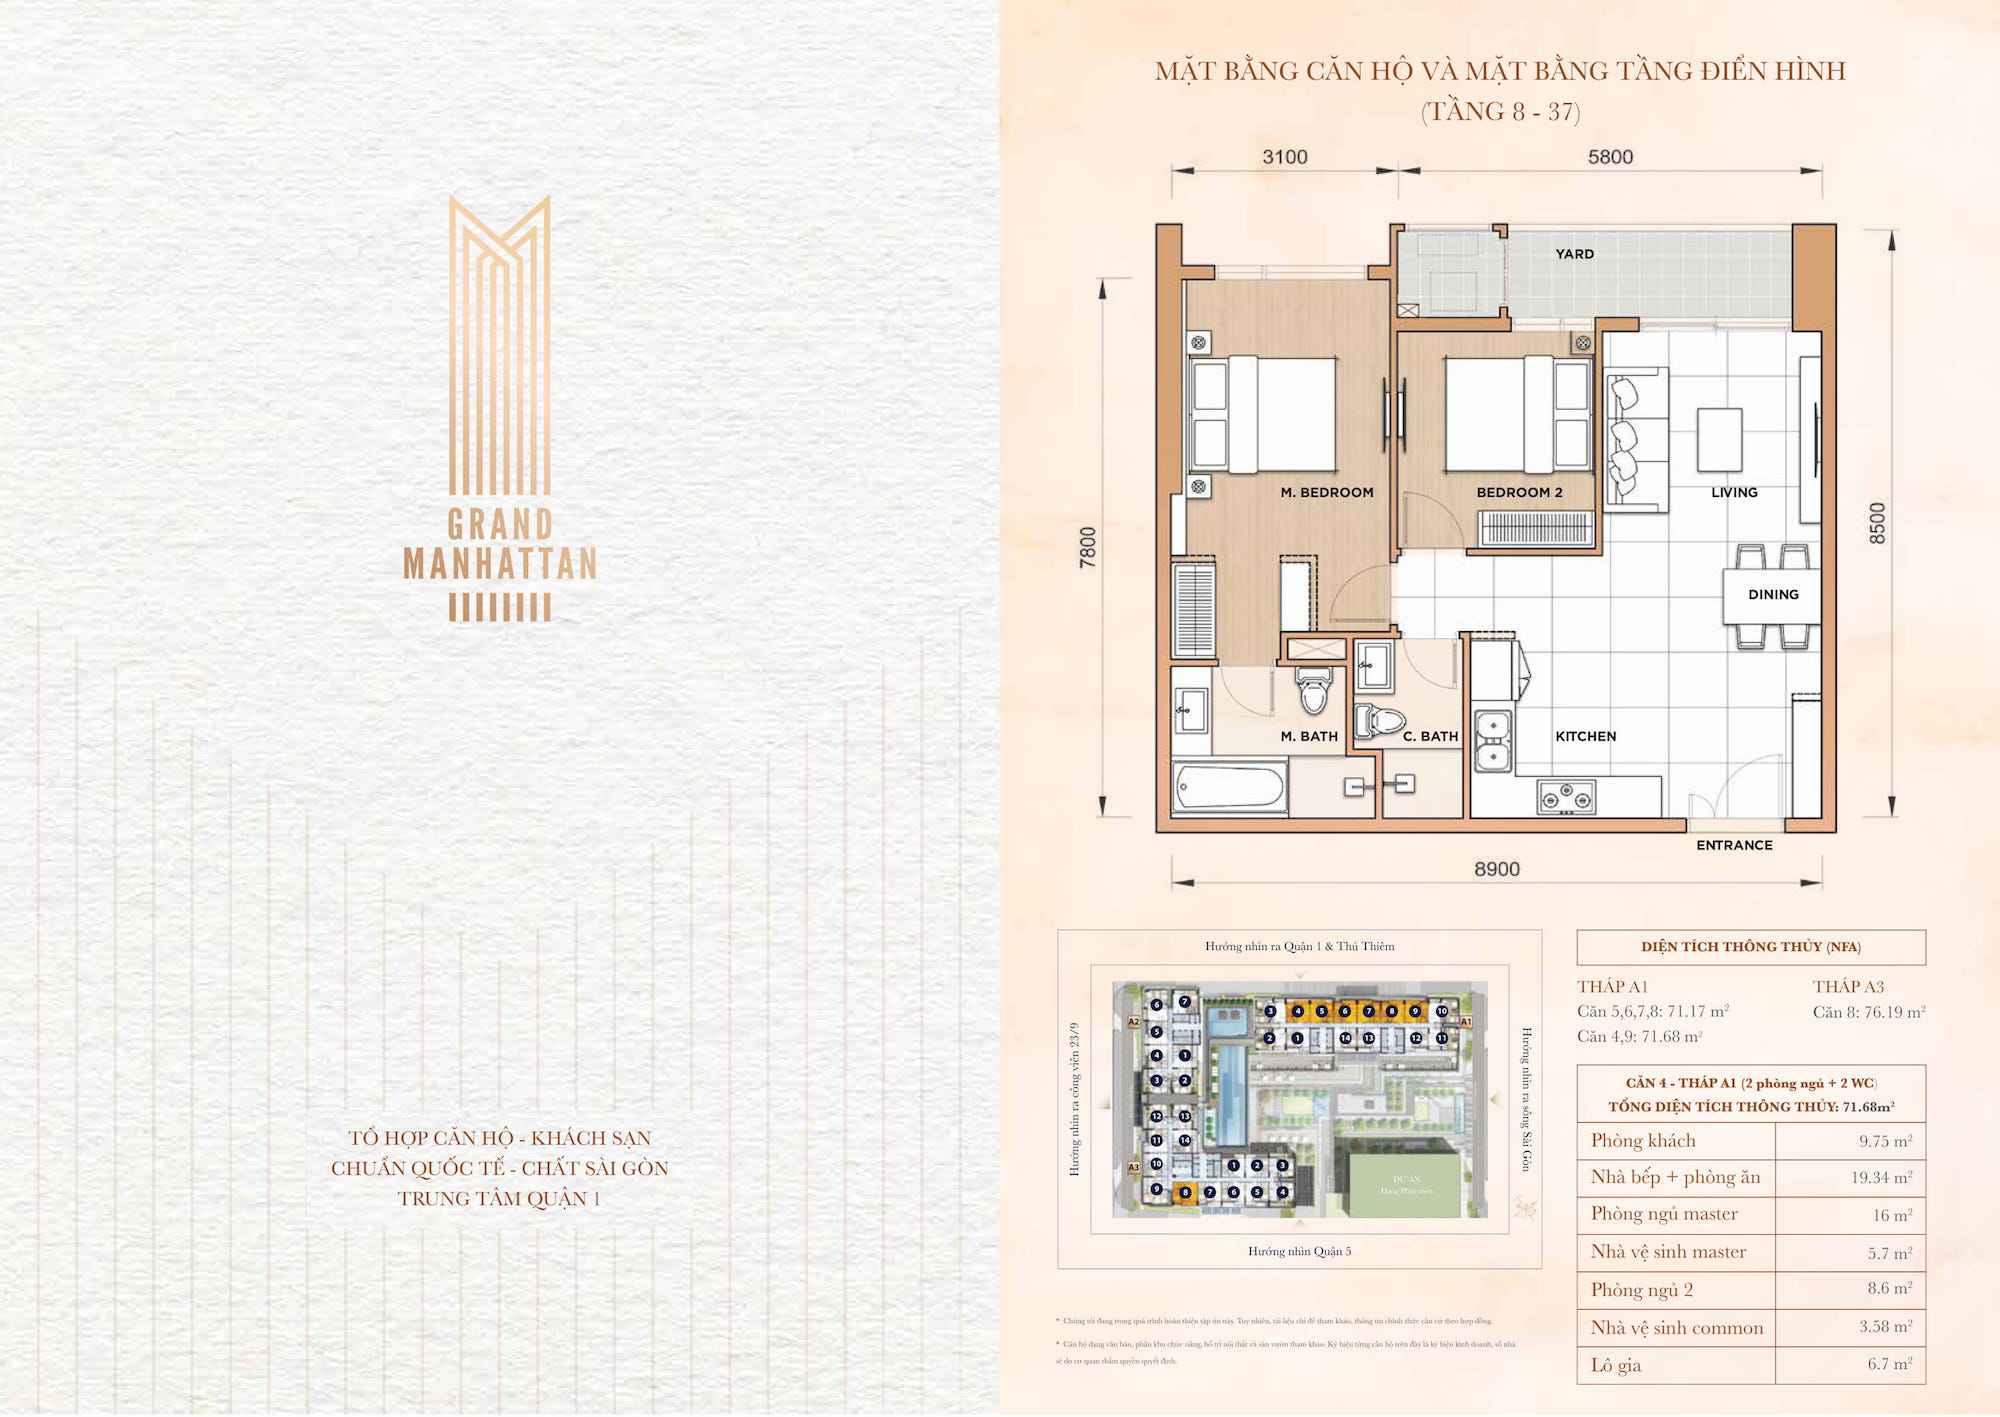 Thiết kế diện tích một căn hộ